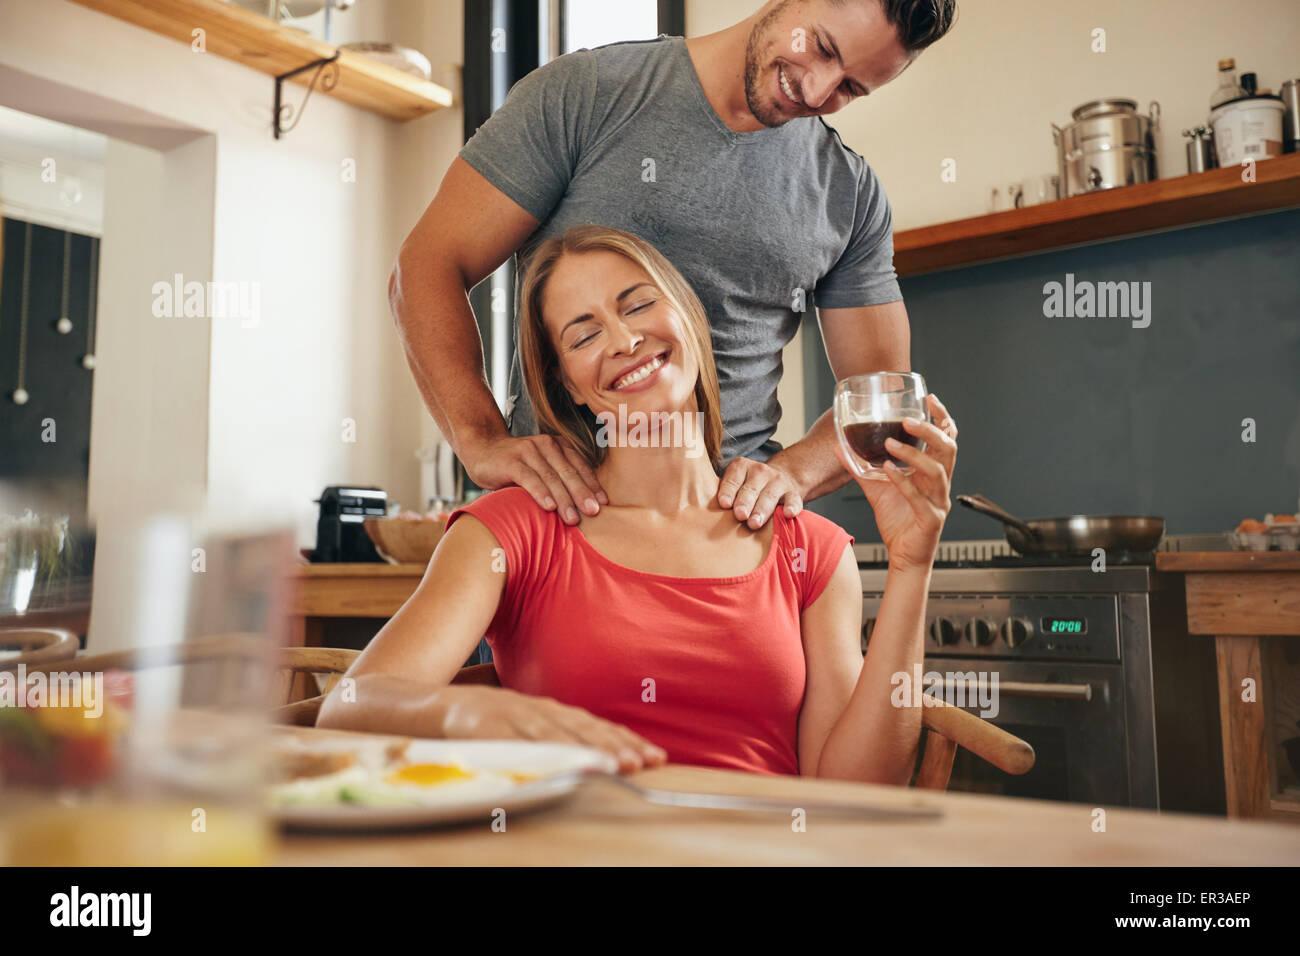 Glückliche junge Frau sitzt am Frühstück Tablet halten Tasse Kaffee immer eine Schultermassage von Stockbild